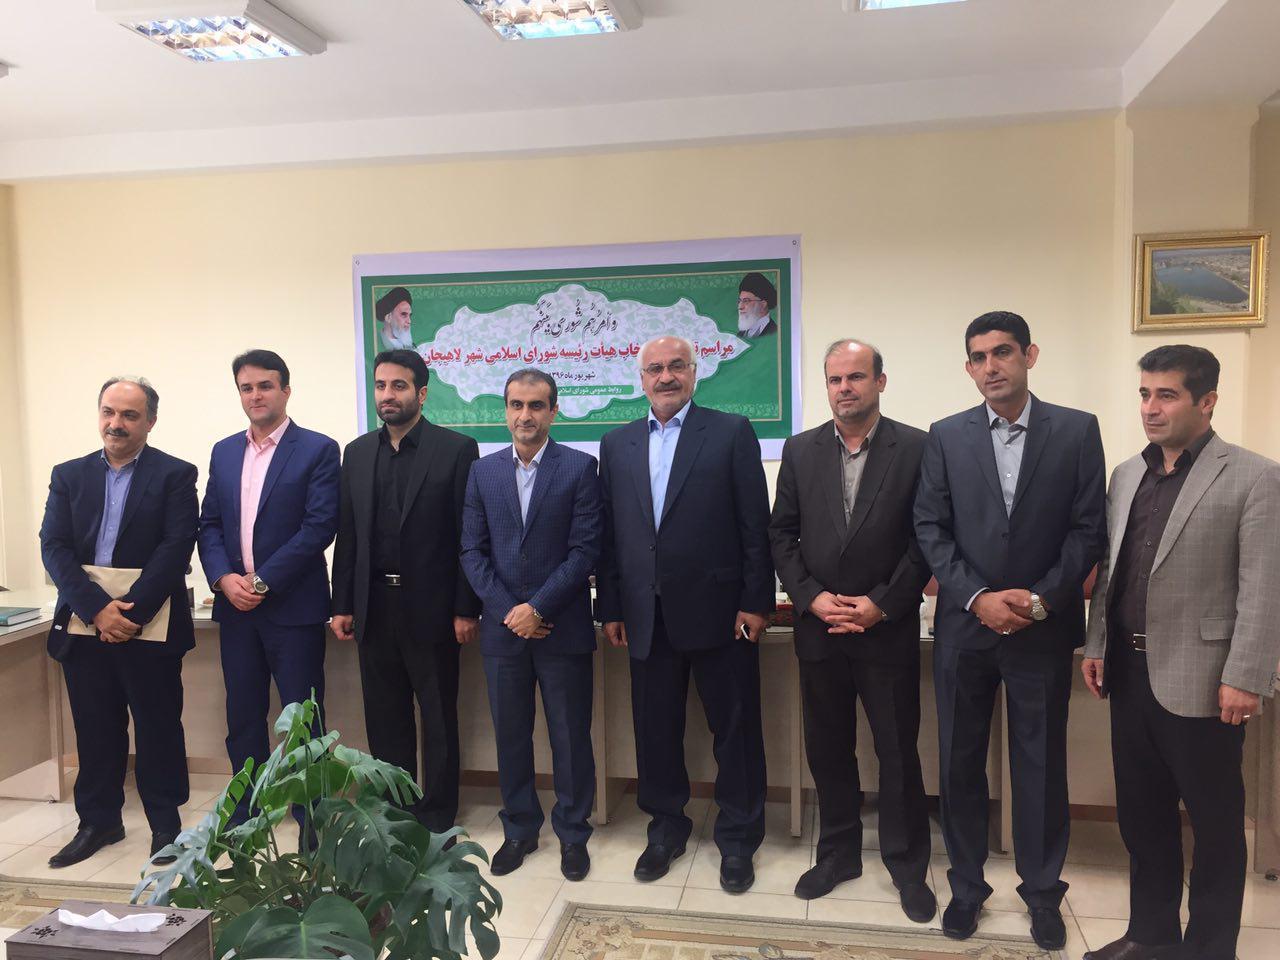 جنابی قدس رئیس شورای شهر لاهیجان شد /بهمن مرتضی پور سرپرست شهرداری